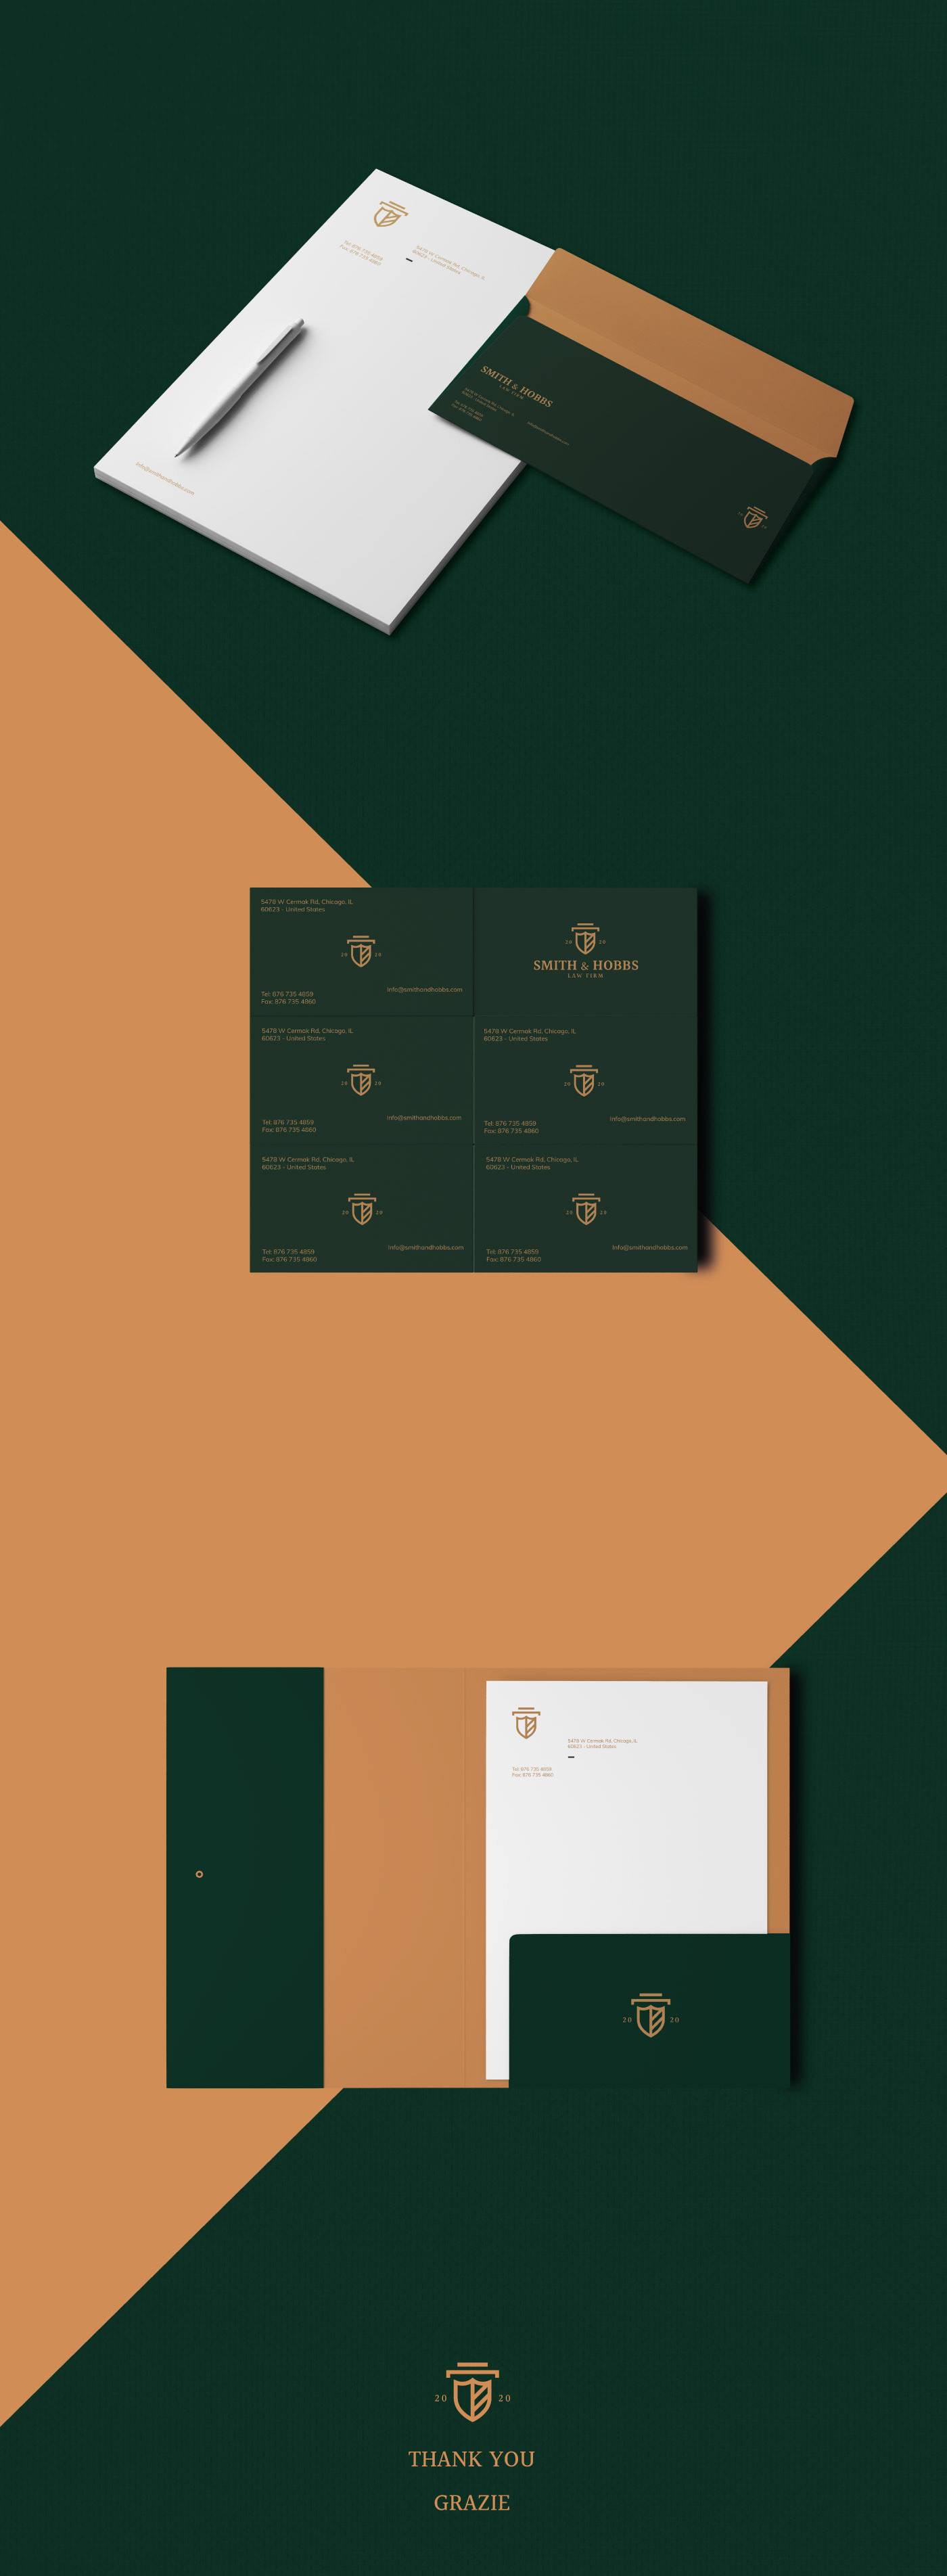 brand identity Corporate Identity elegance law law firm lawyer logo Minimalism Office Stationery